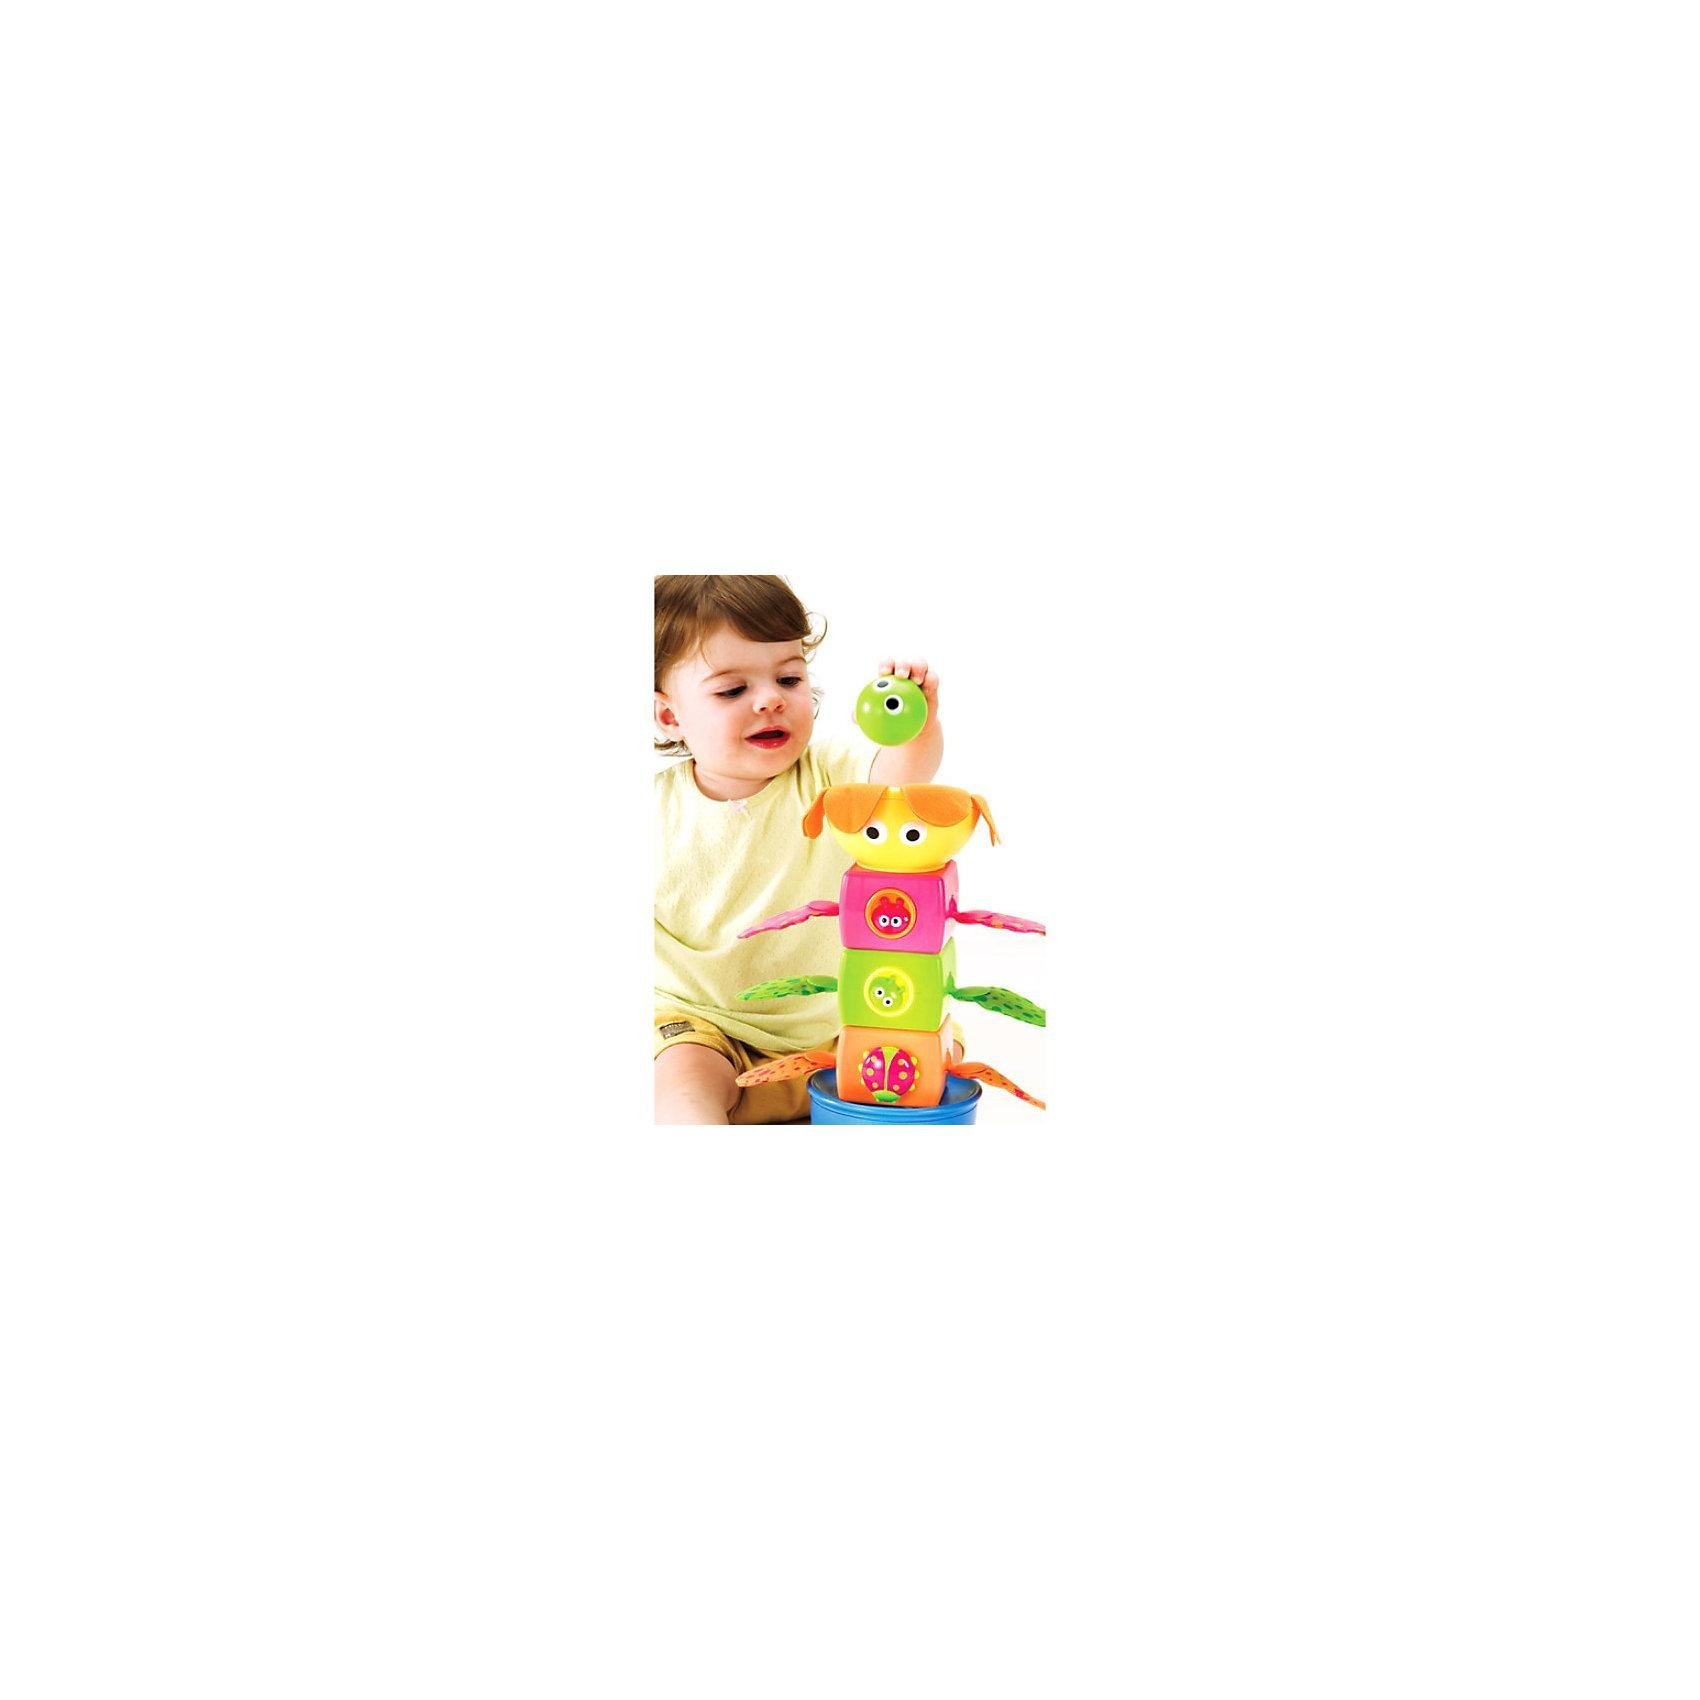 Yookidoo Музыкальная пирамидкаПирамидки<br>Yookidoo Музыкальная пирамидка - яркая и красивая развивающая музыкальная игрушка для малышей, представляющая собой сборно-разборную пирамидку в форме цветочка, сидящего в горшке.<br><br>Пирамидка состит из 5 частей и представляет собой своеобразный музыкальный туннель.<br>Части пирамидки отличаются друг от друга по форме и цвету и оформлены в цветочно-летней тематике. В комплекте также идут разноцветные шарики, каждый из которых при опускании в туннель воспроизводит свое уникальное звуковое сопровождение!<br>Игрушка стимулирует малыша к активным действиям, способствует развитию моторики рук и координации движений  ребенка!<br><br>Дополнительная информация:<br><br>- Материал: пластик <br>- Размер (Д х Ш х В): 25х12,5х36 см<br><br>Ширина мм: 250<br>Глубина мм: 360<br>Высота мм: 125<br>Вес г: 1125<br>Возраст от месяцев: 9<br>Возраст до месяцев: 36<br>Пол: Унисекс<br>Возраст: Детский<br>SKU: 2565141